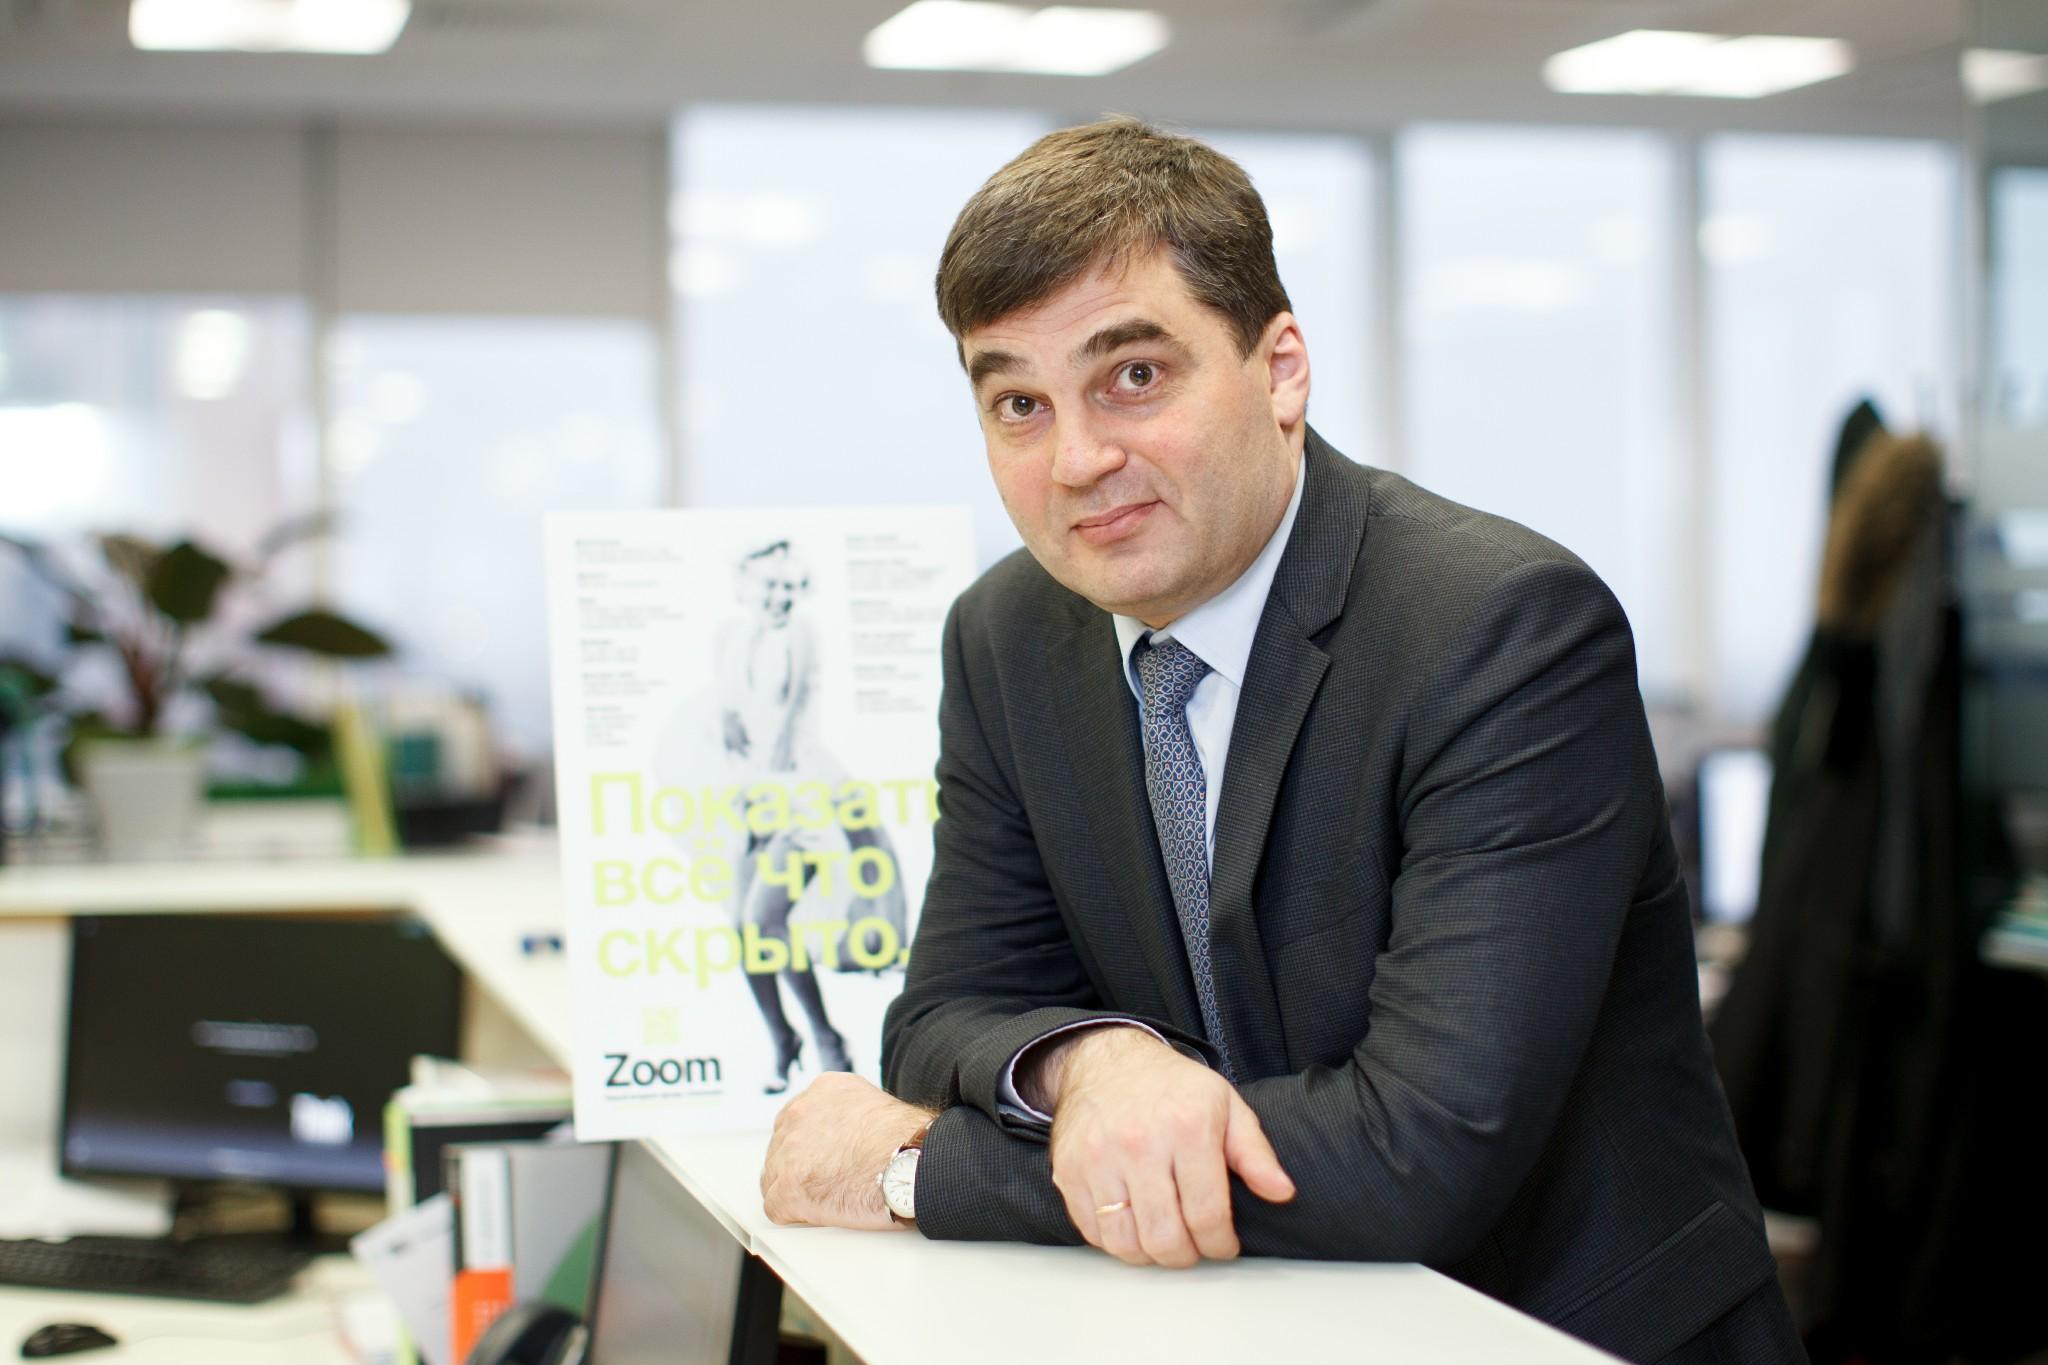 Дмитрий Пайсон: возможности интеграции малого бизнеса в ракетно-космическую промышленность